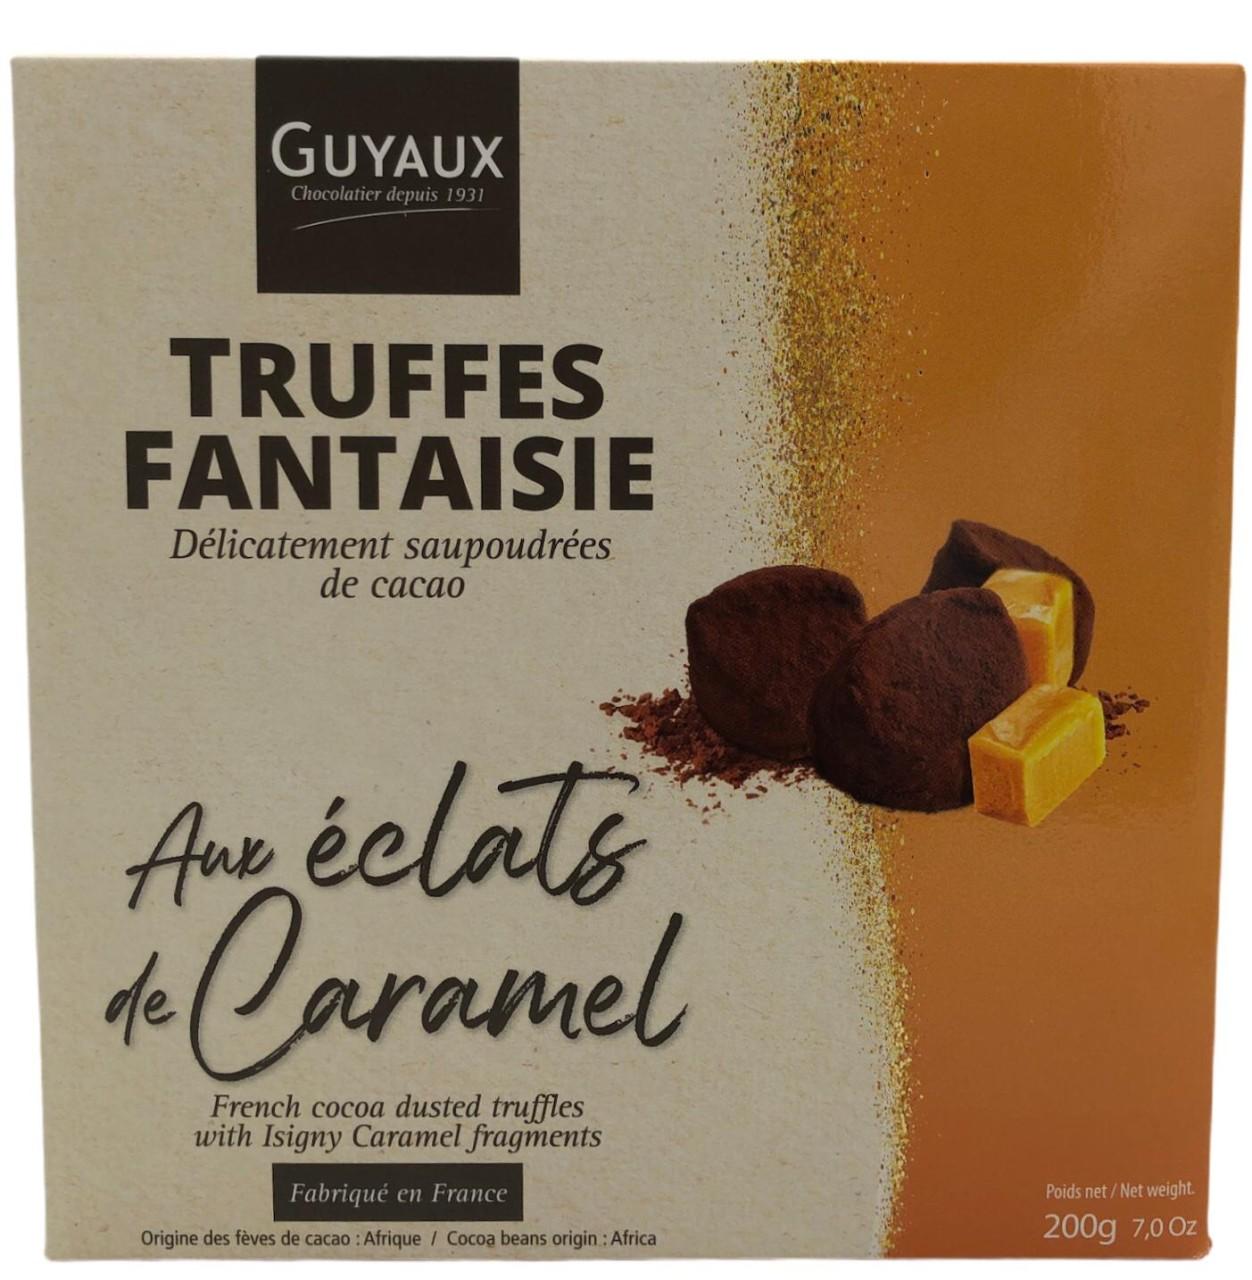 Guyaux Truffes Fantaisie aux eclats de Caramel 200g